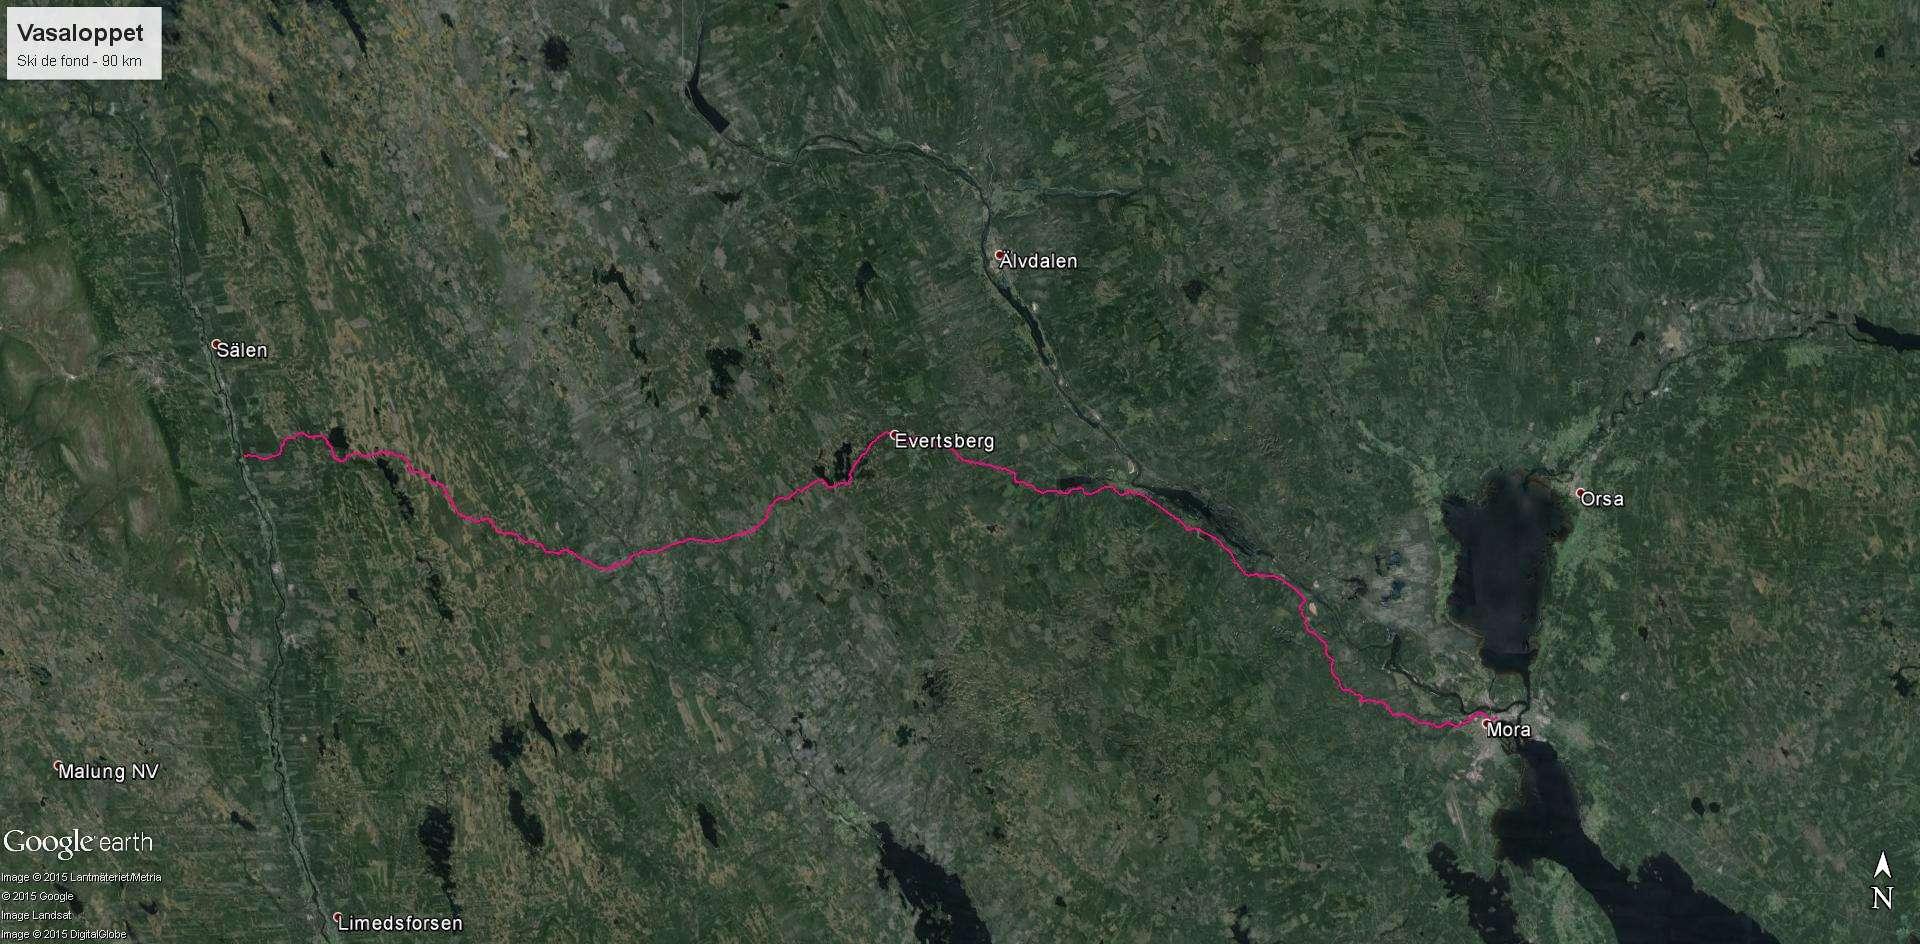 La Vasaloppet : plus longue course de ski de fond au monde Vasa_210